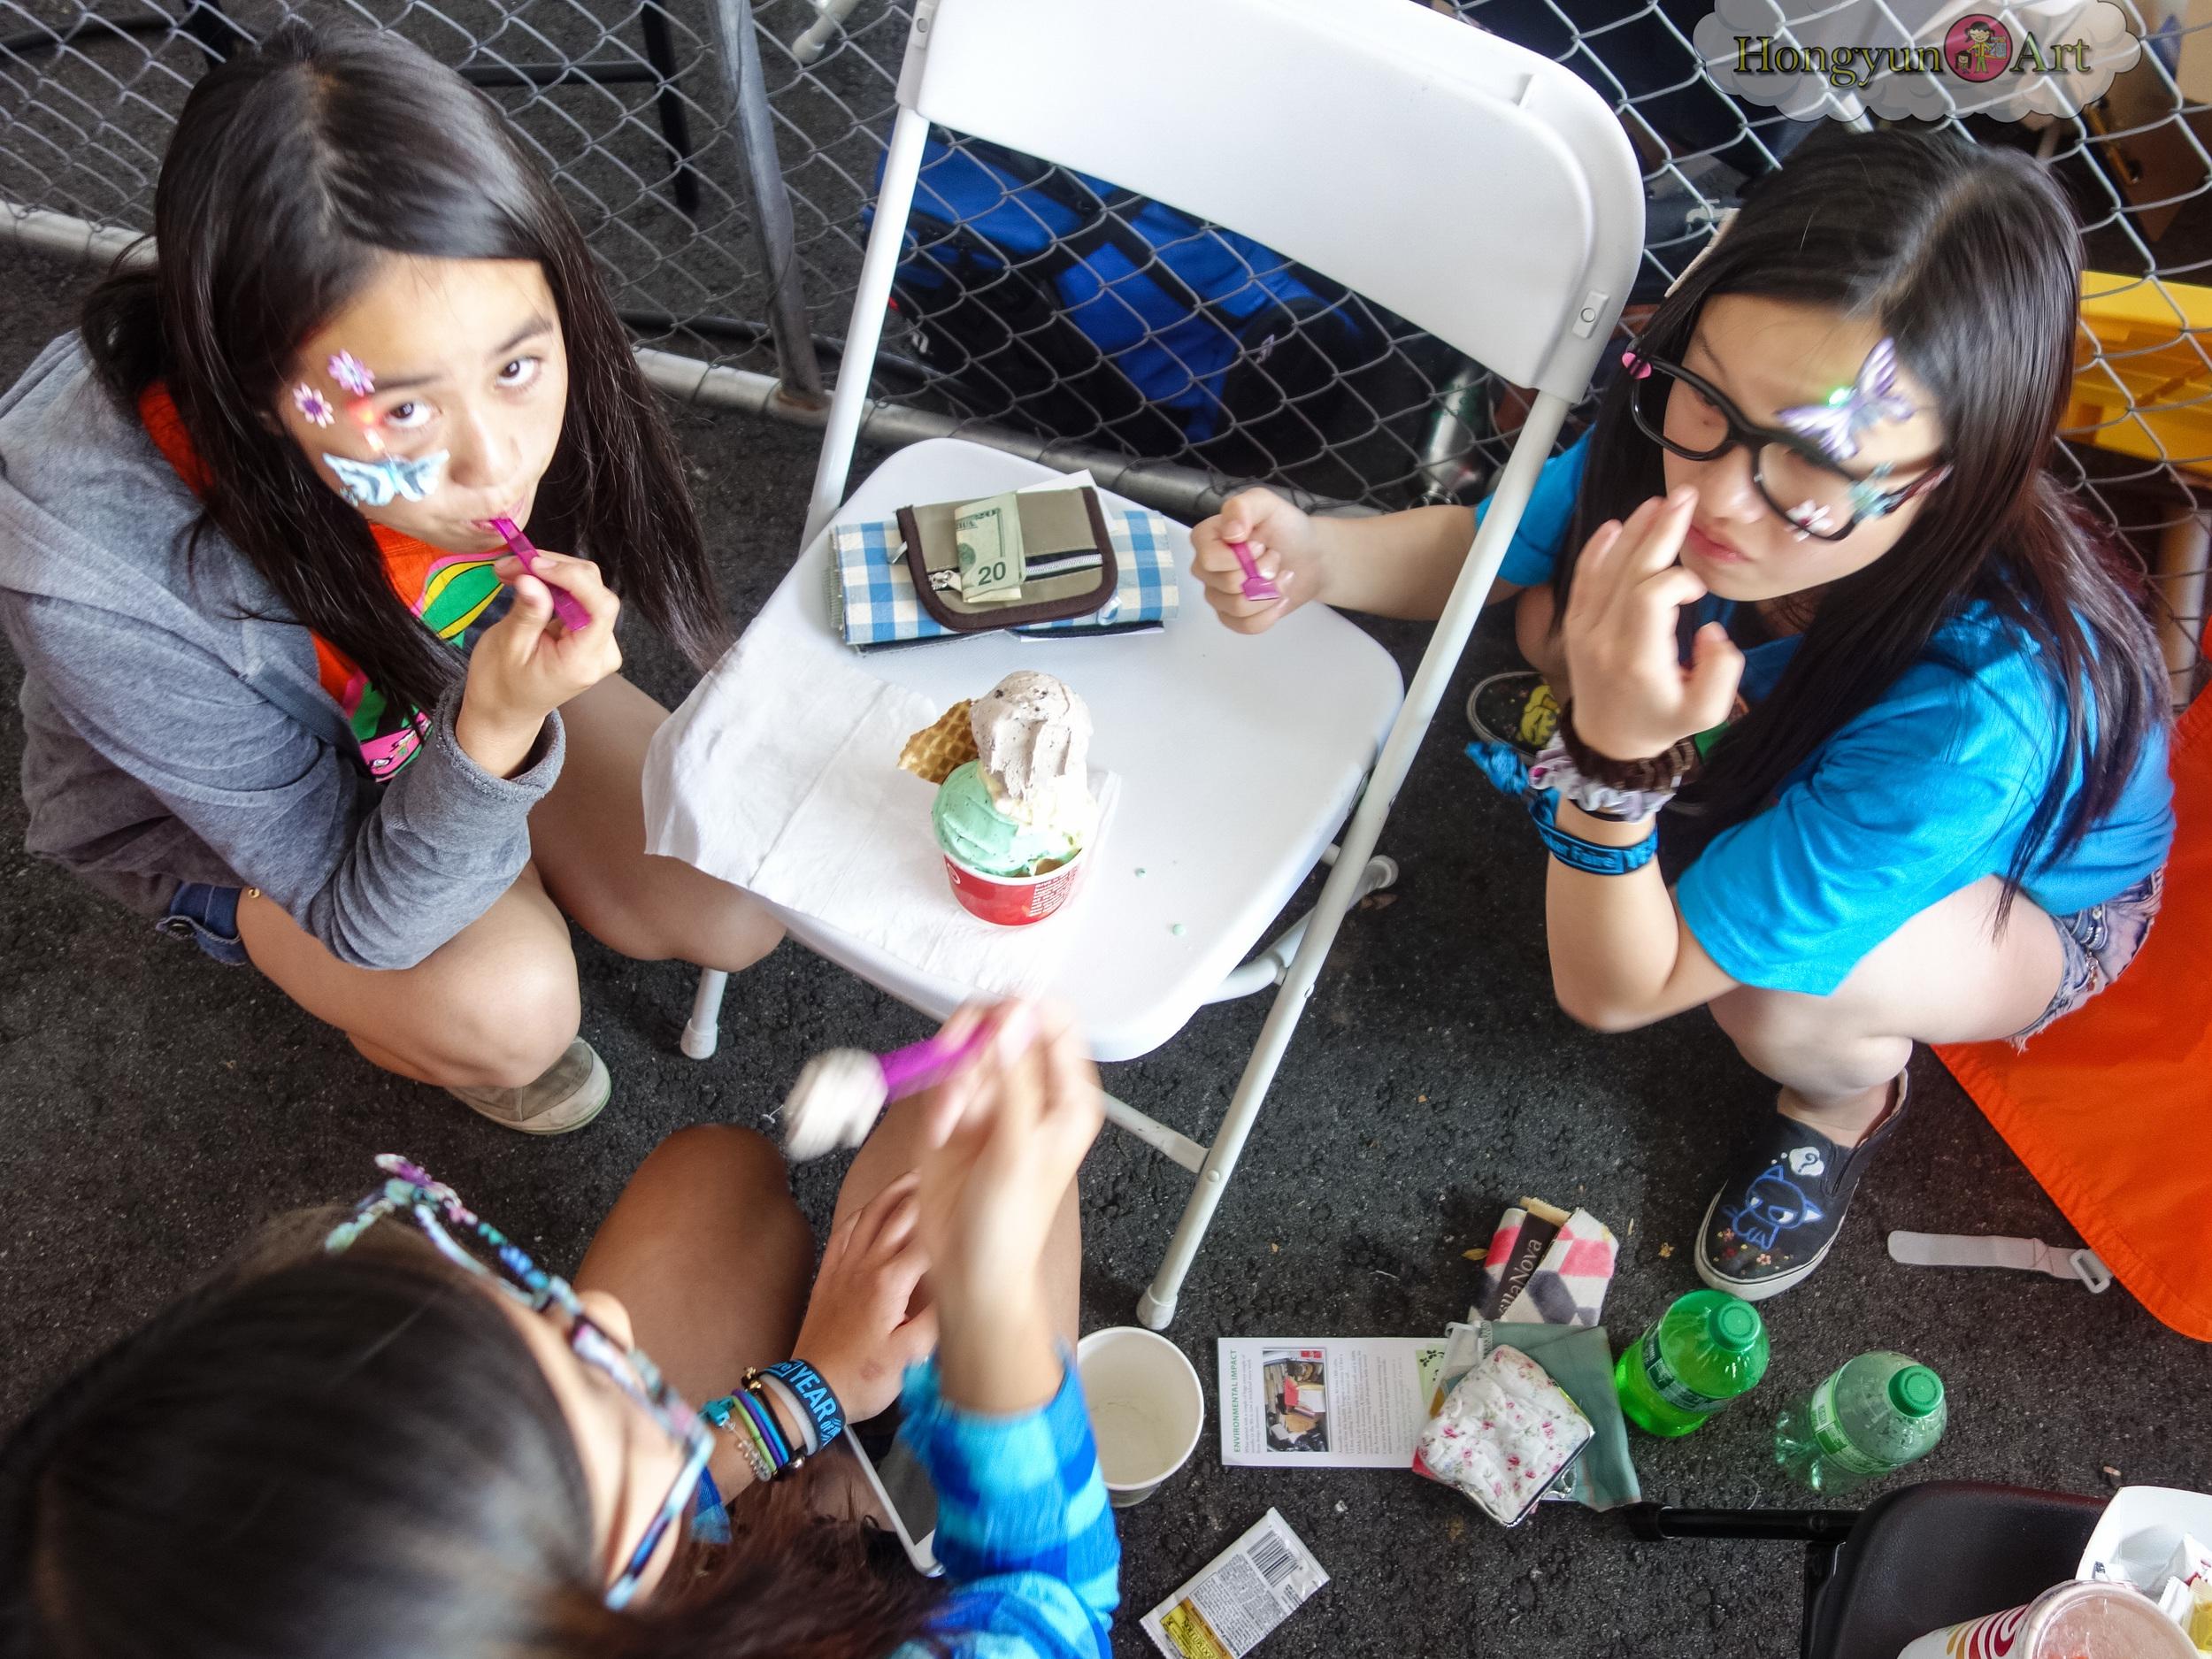 2014-05-Hongyun-Art-MakerFaire-116.jpg